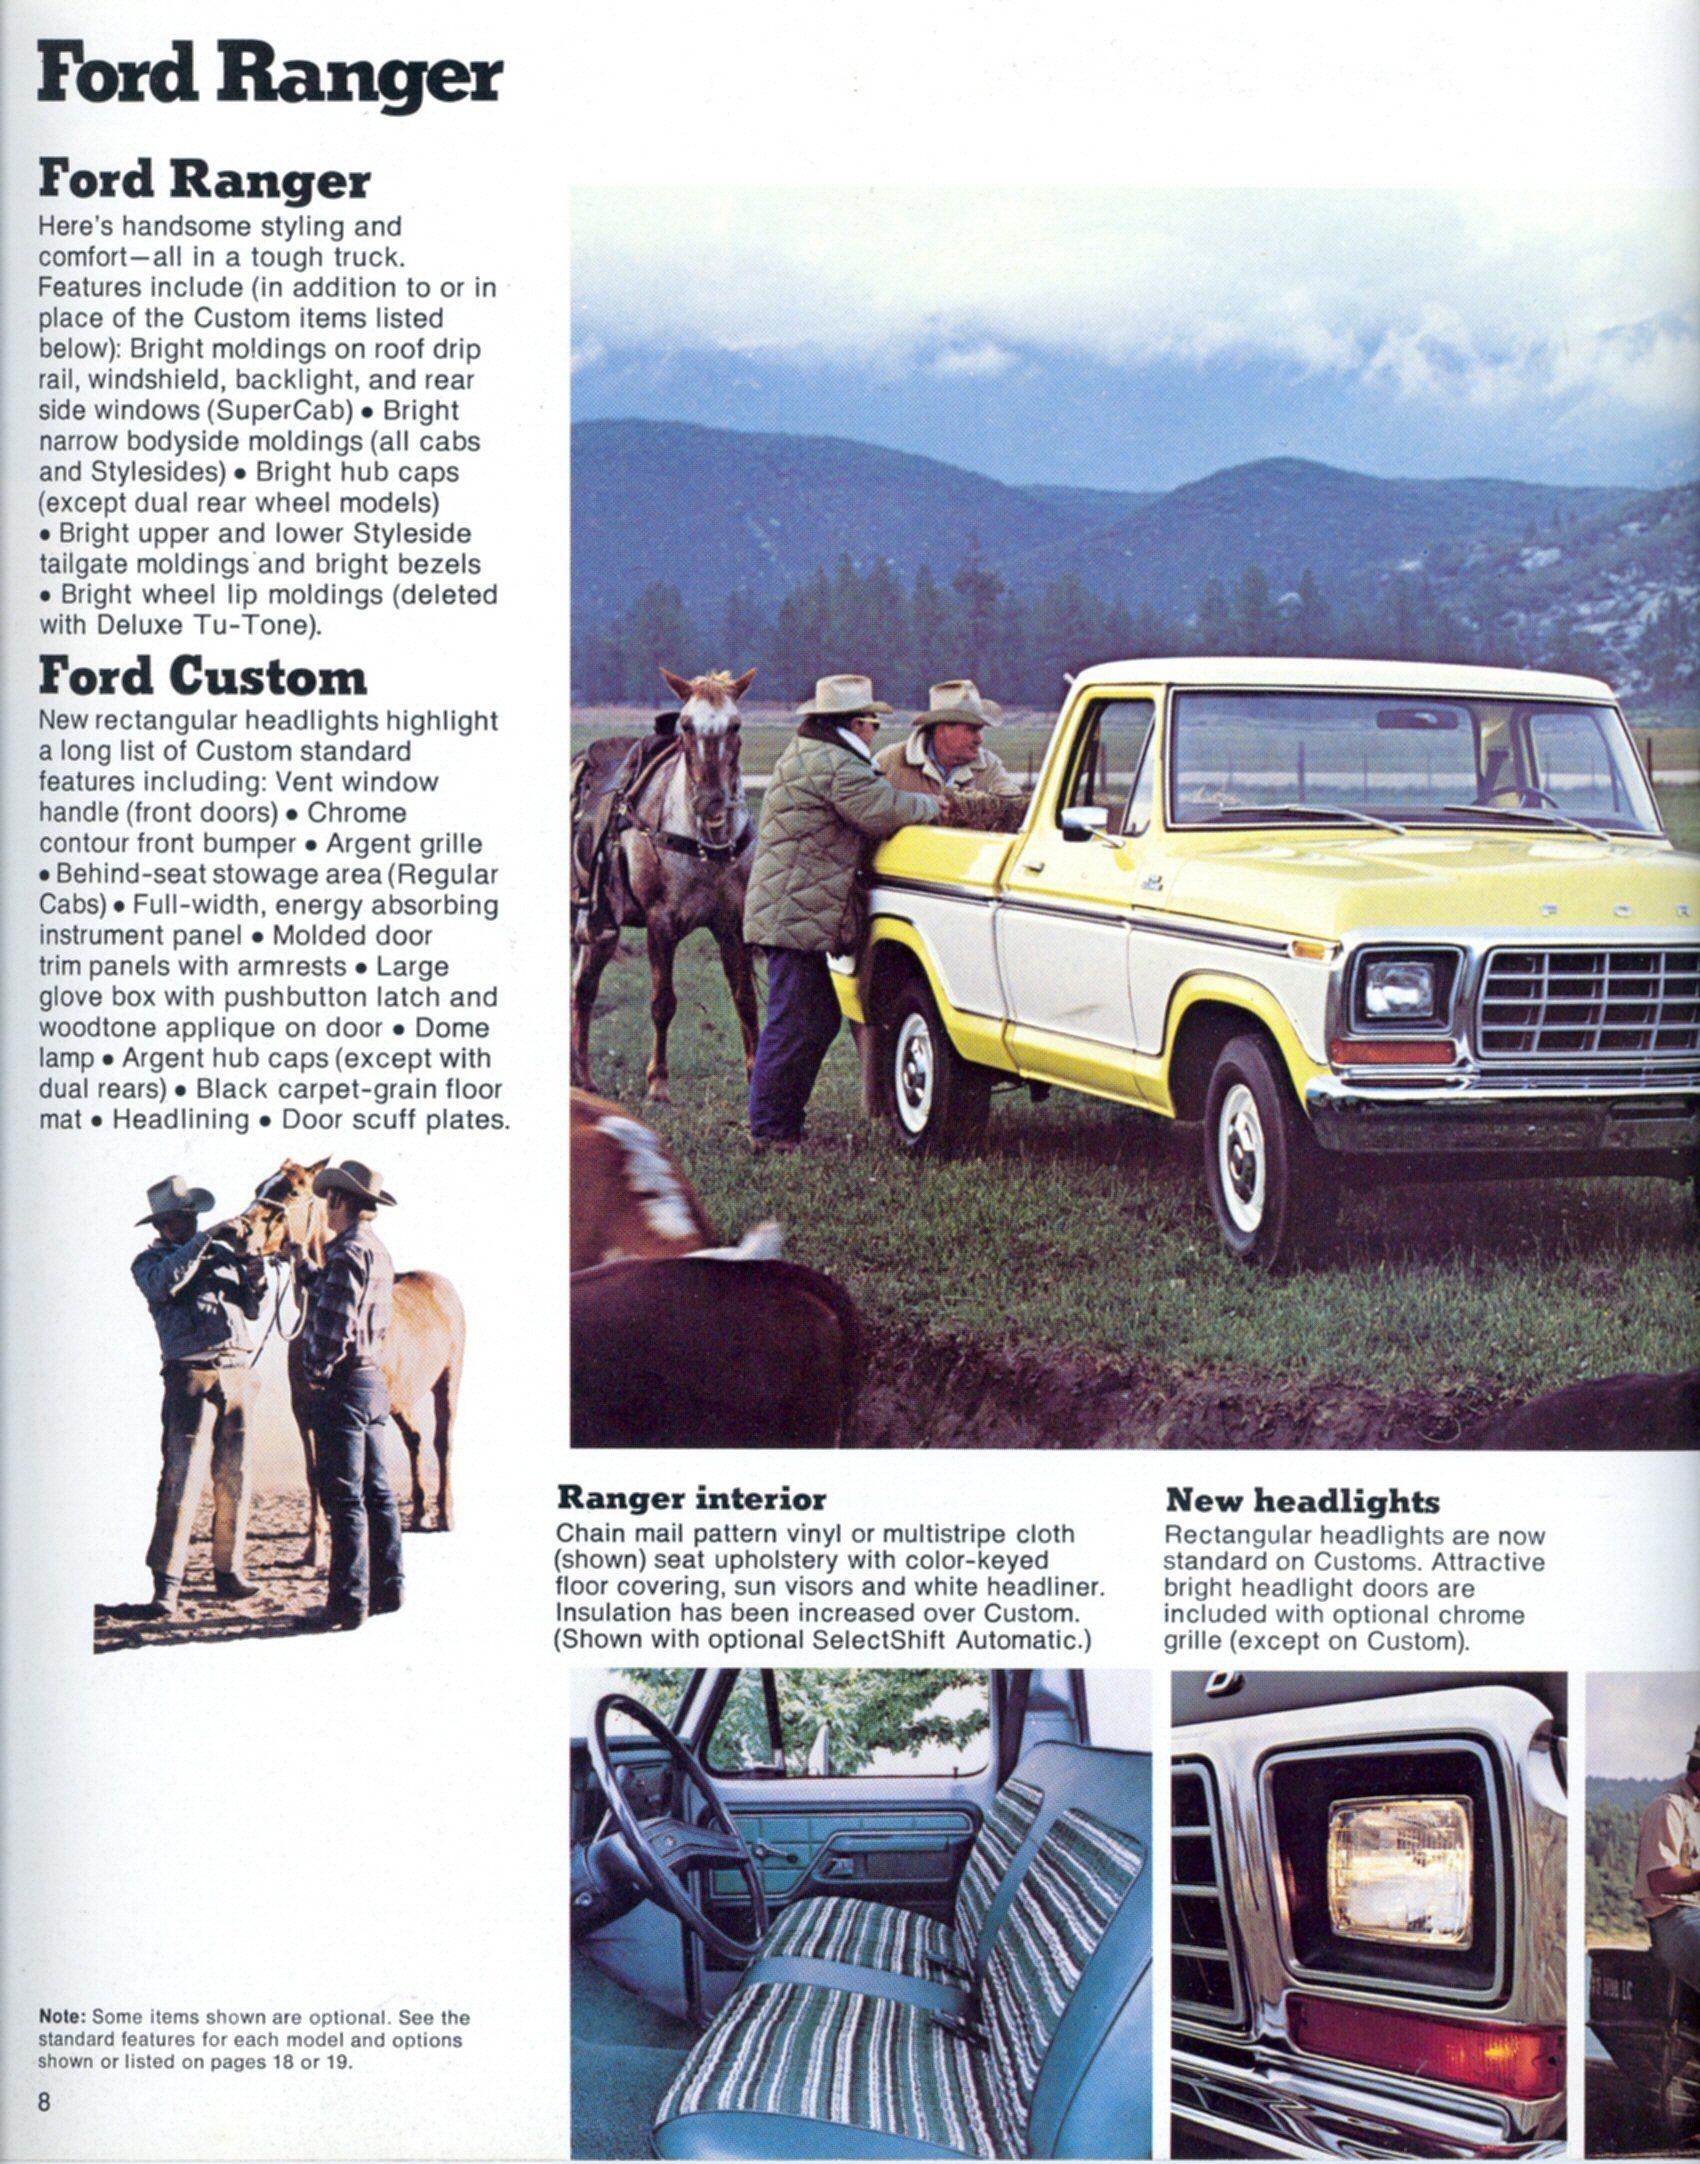 1979 Ford Truck Brochure Ford Trucks Ford Truck Ford Ranger